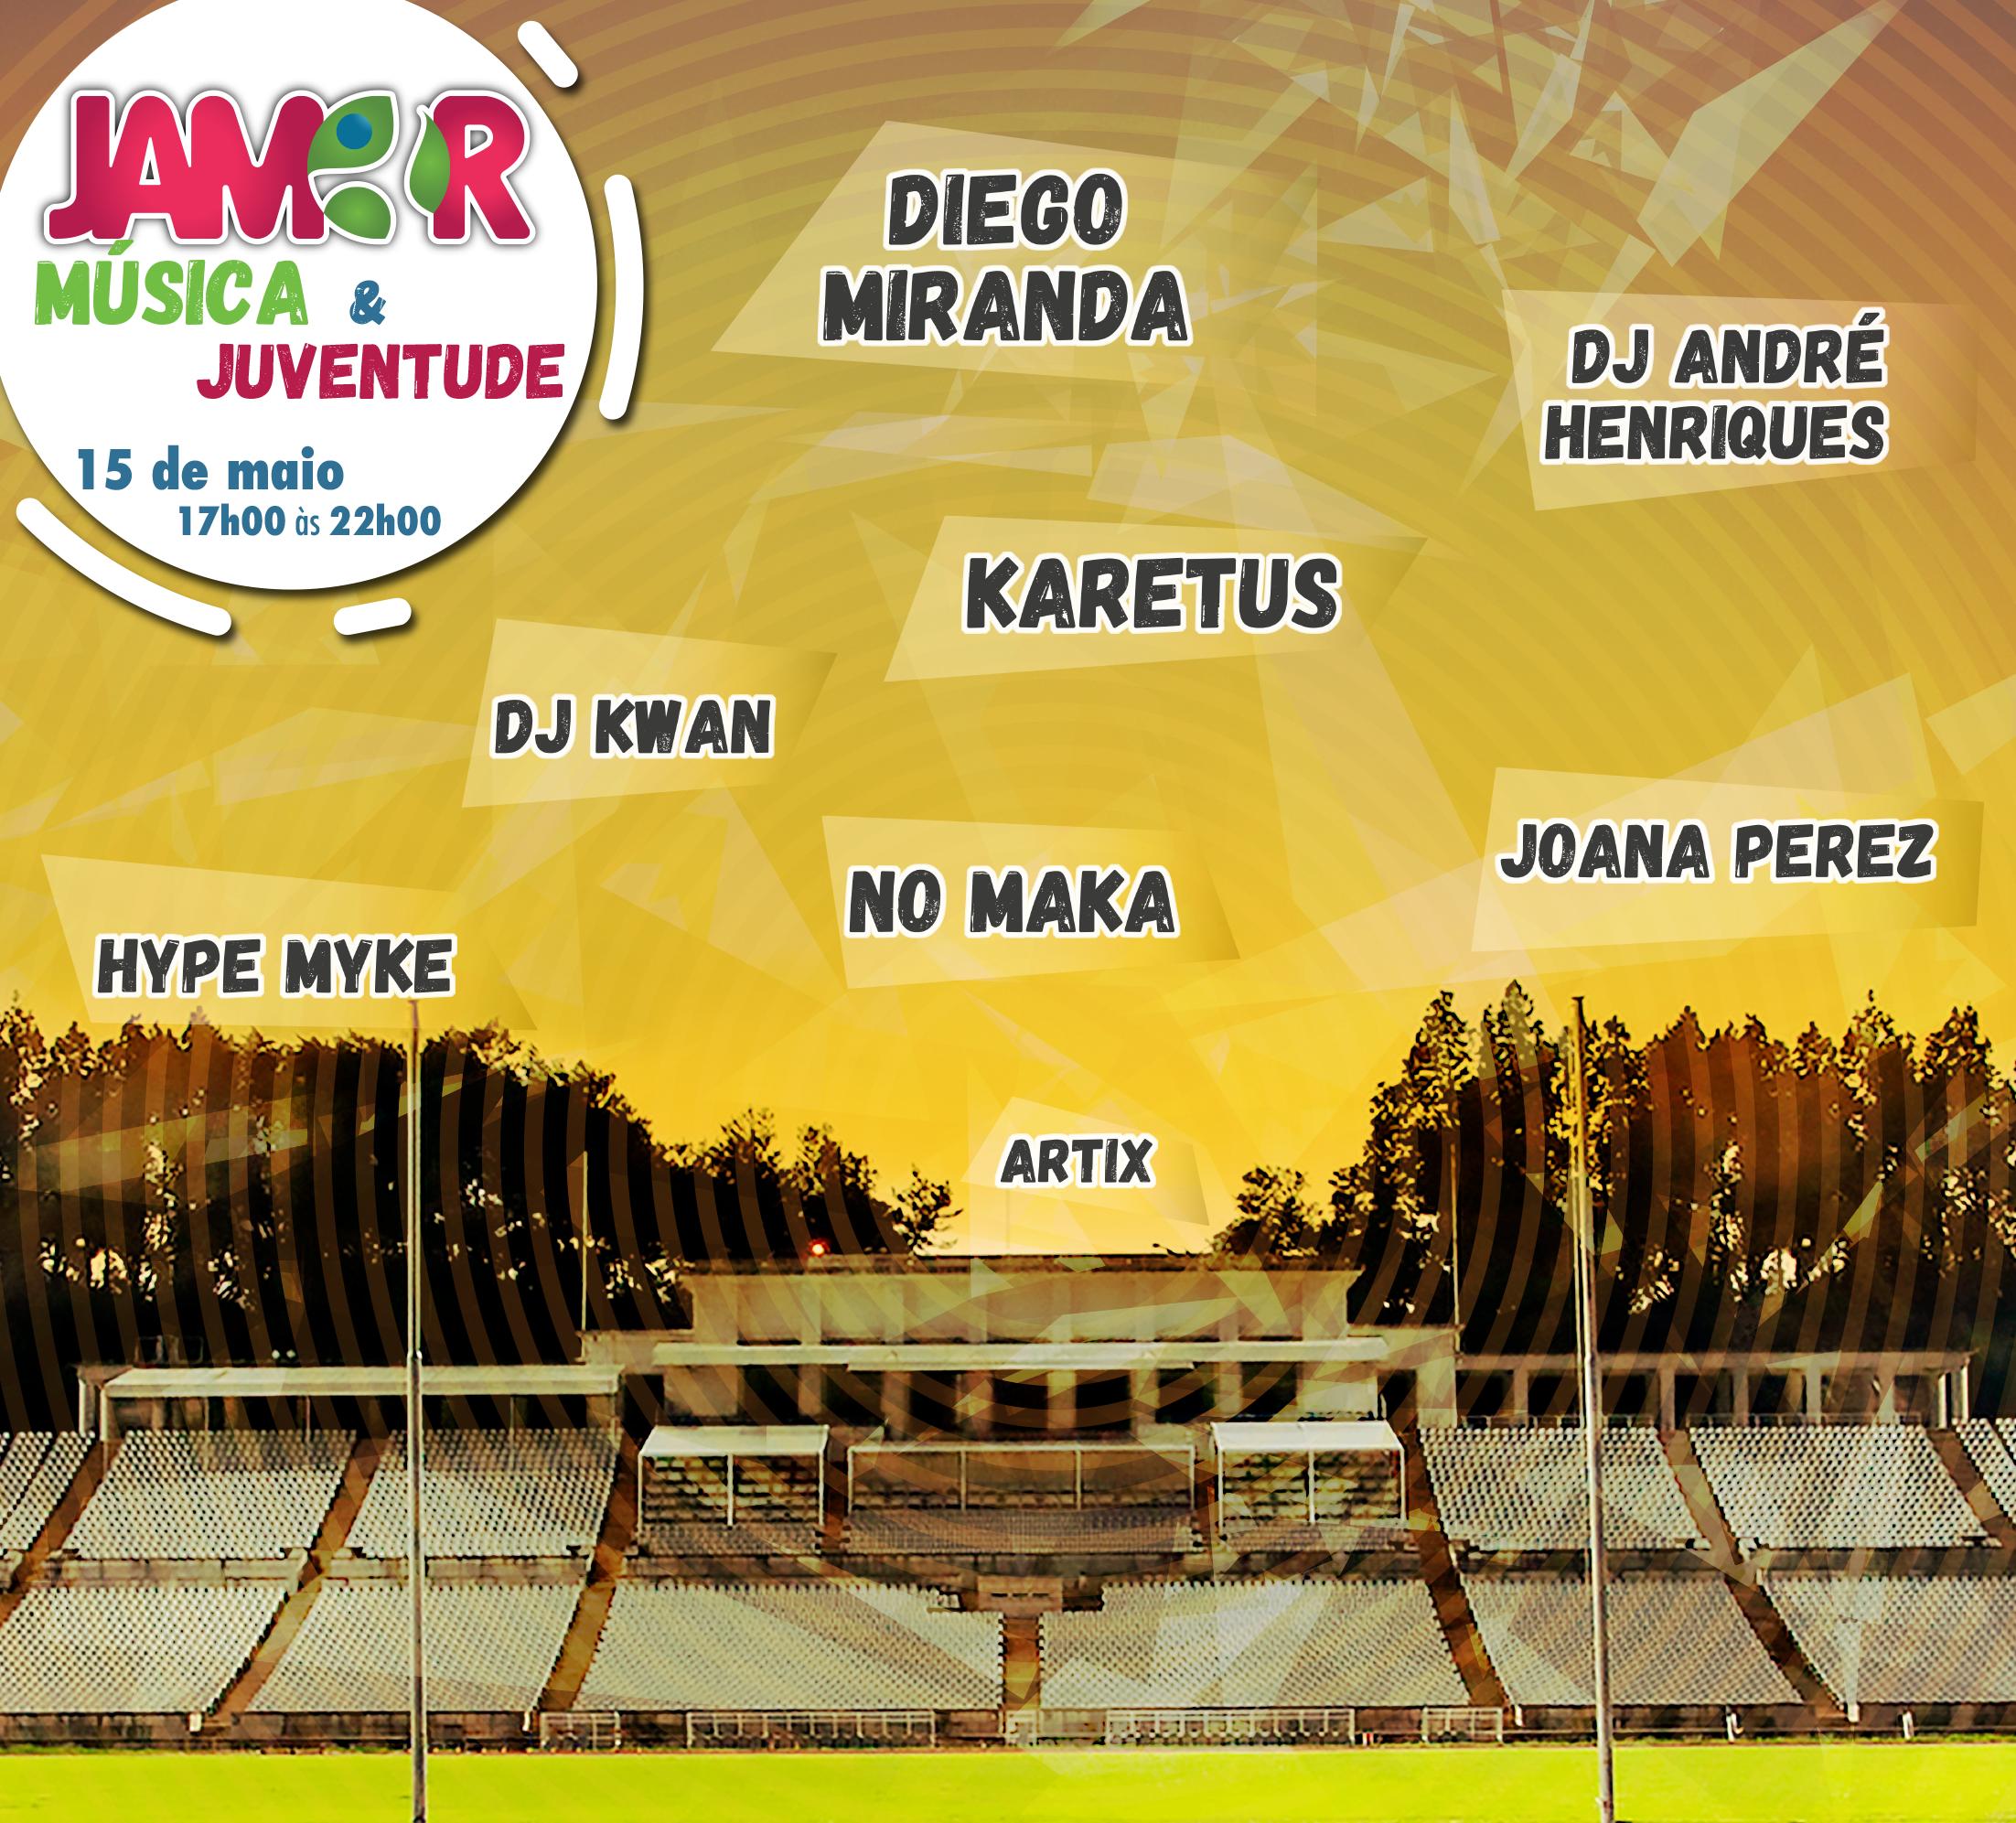 Cartaz do evento Jamor, Música e Juventude